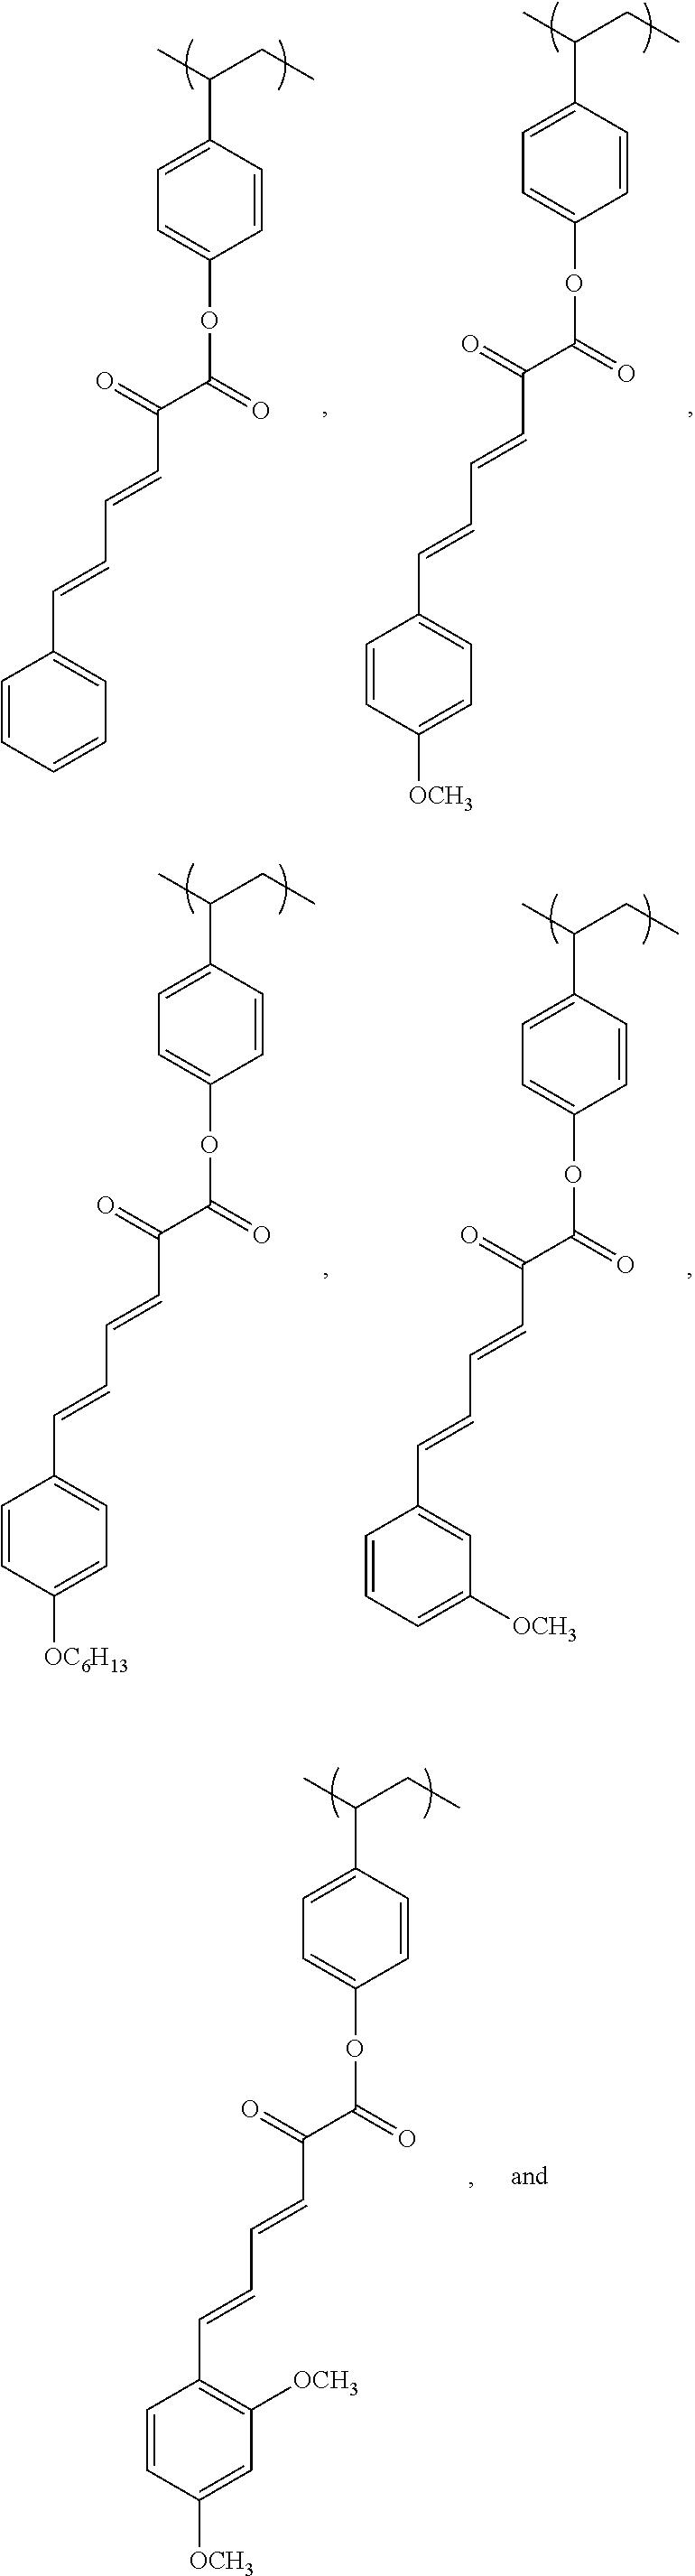 Figure US08878169-20141104-C00020